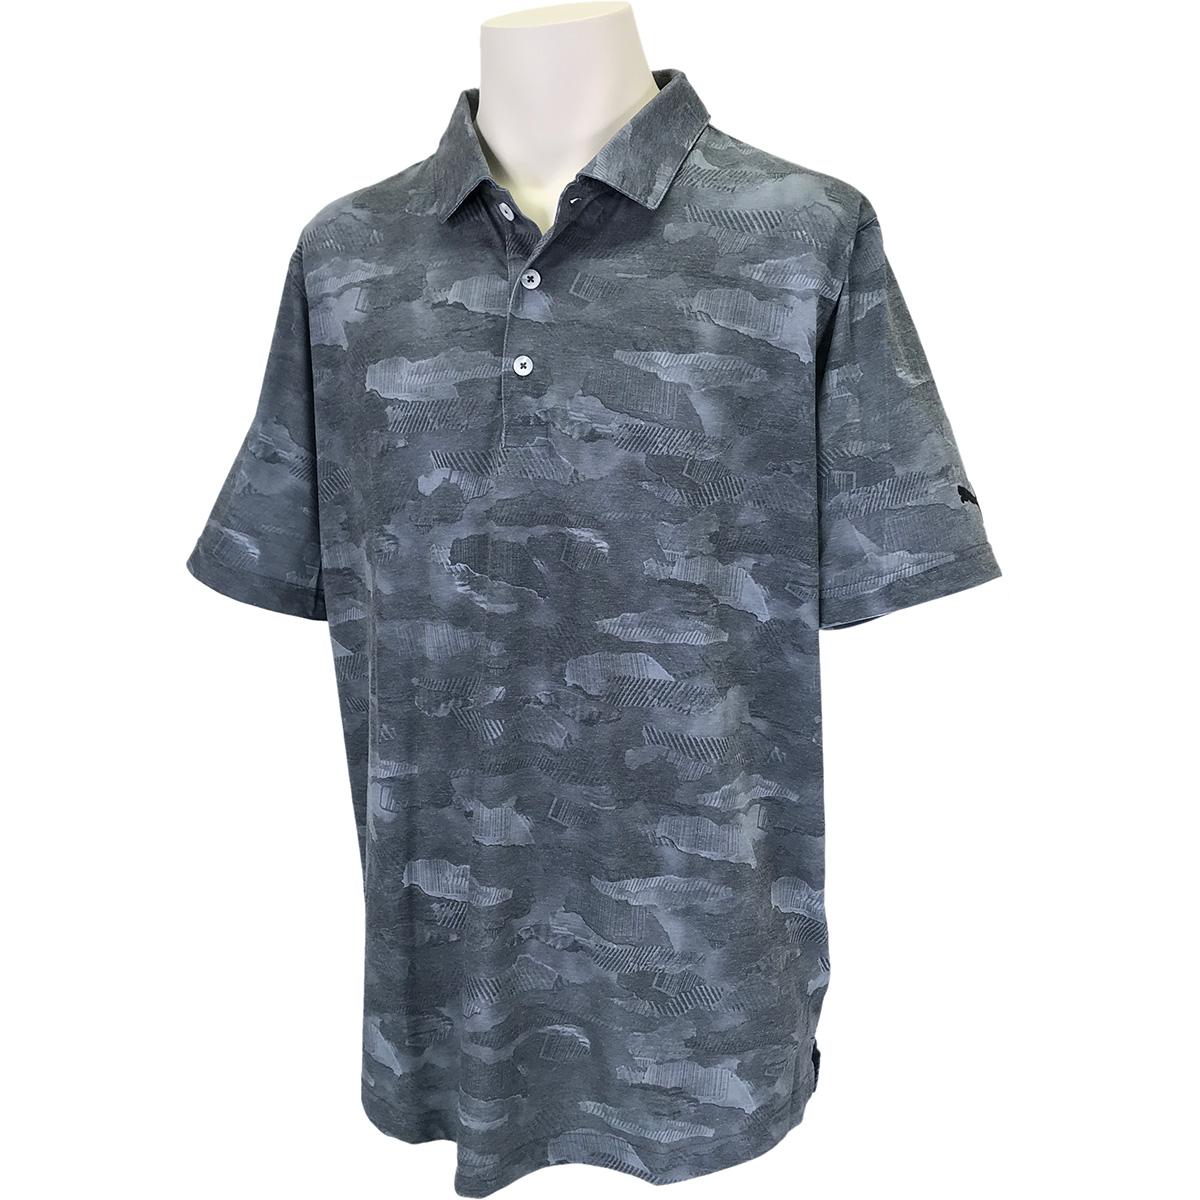 ソラライズド カモ 半袖ポロシャツ